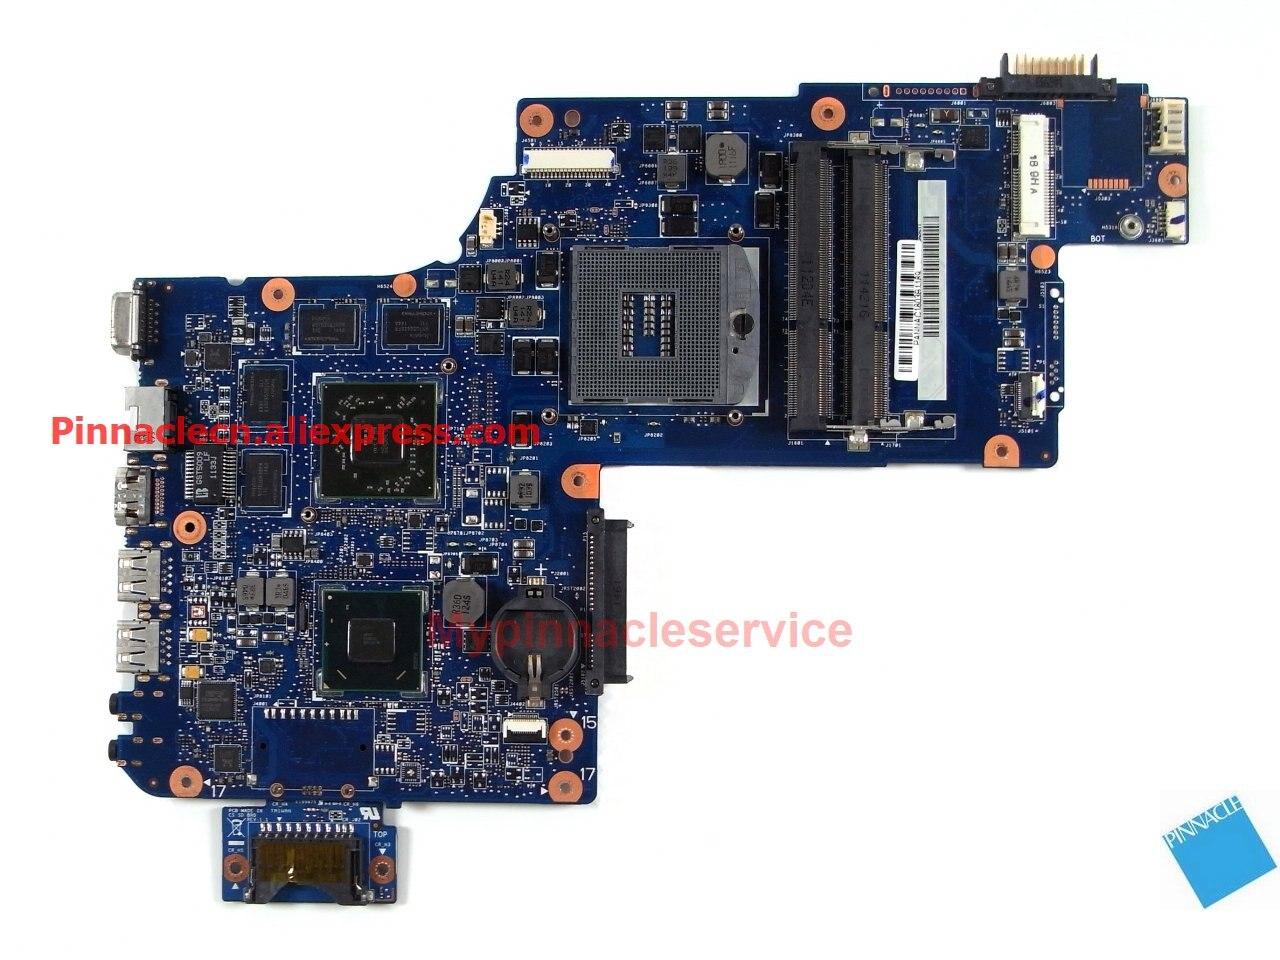 1602 Bga Soldering Aid Kit Circuit Board Repair Zd 151 Duratool In